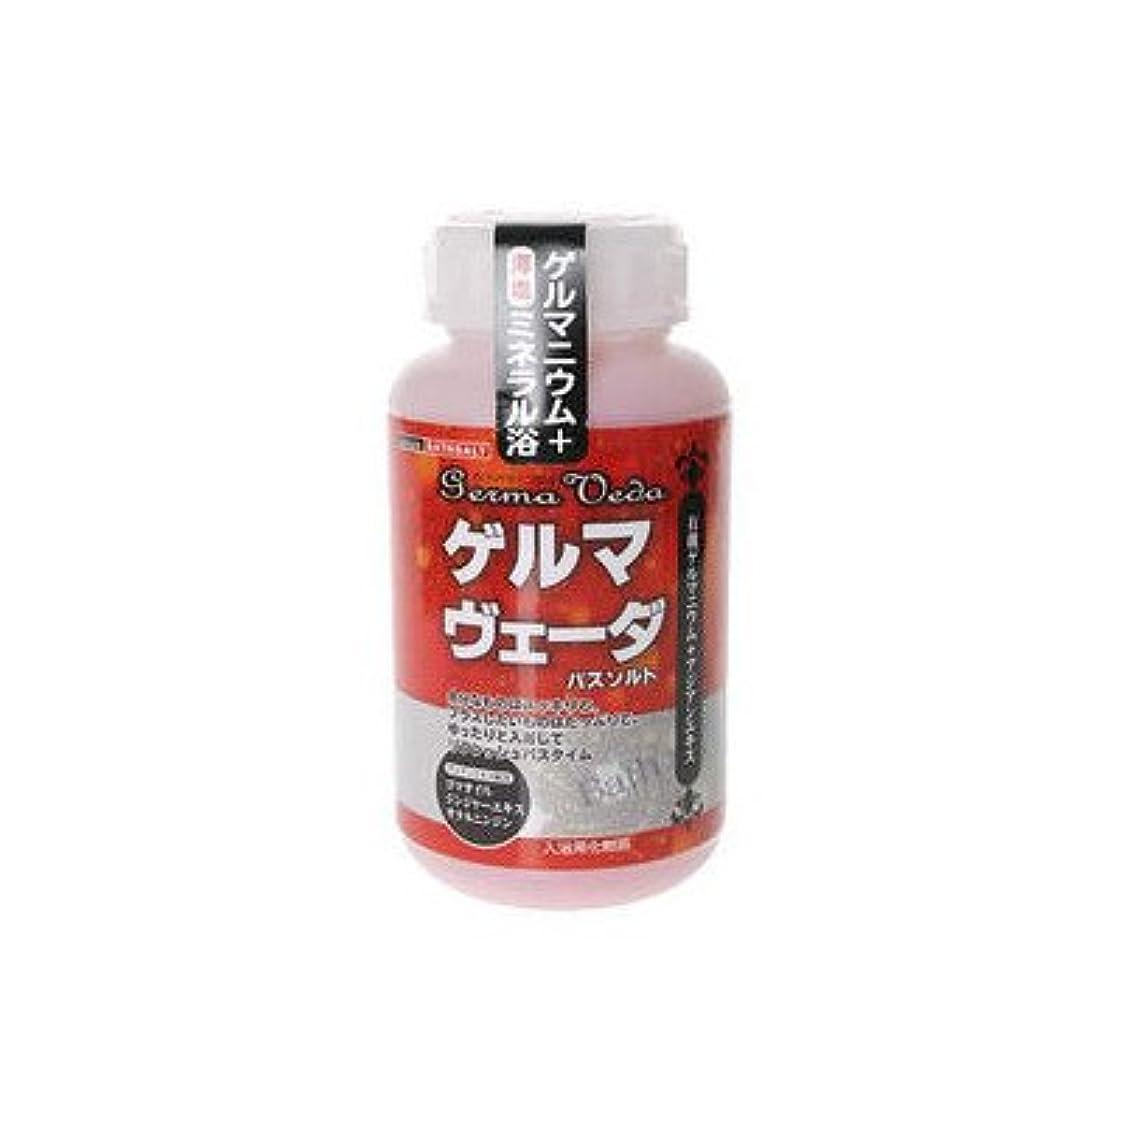 補体カメコールゲルマヴェーダ(ゲルマニウム温浴) ボトル(630g) 4本